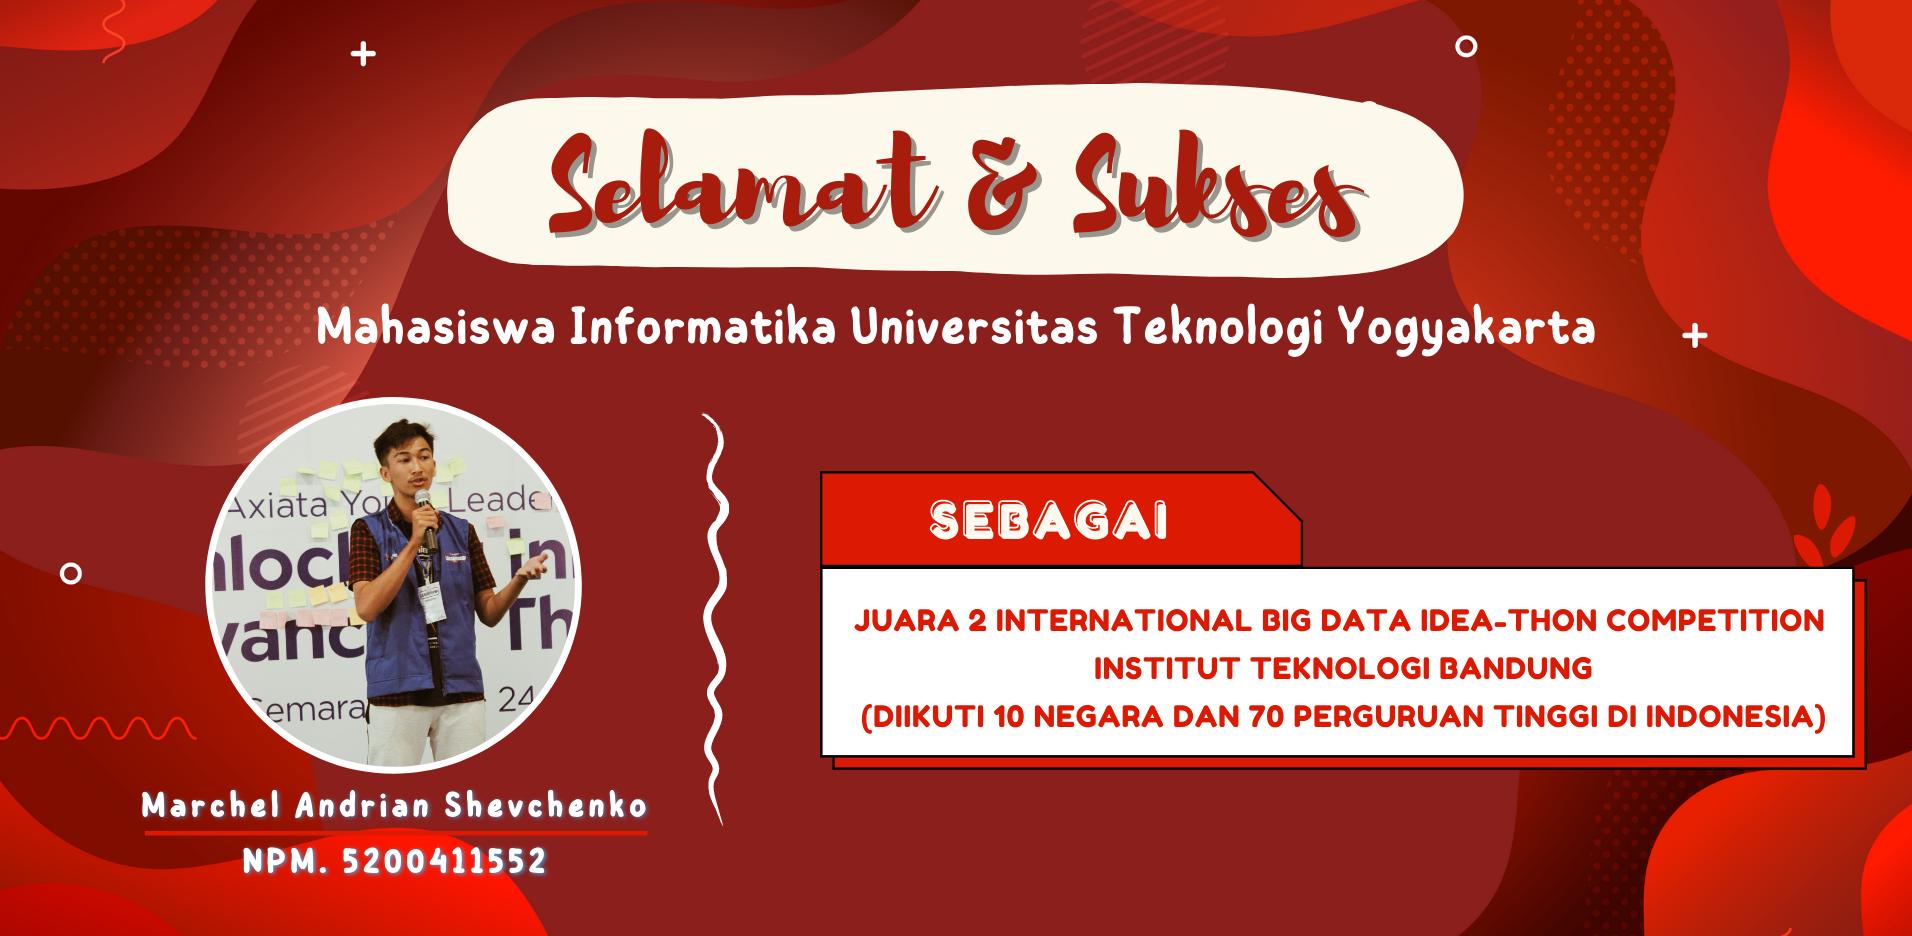 Mahasiswa UTY Raih Juara 2 Kompetisi Big Data di Tingkat Internasional